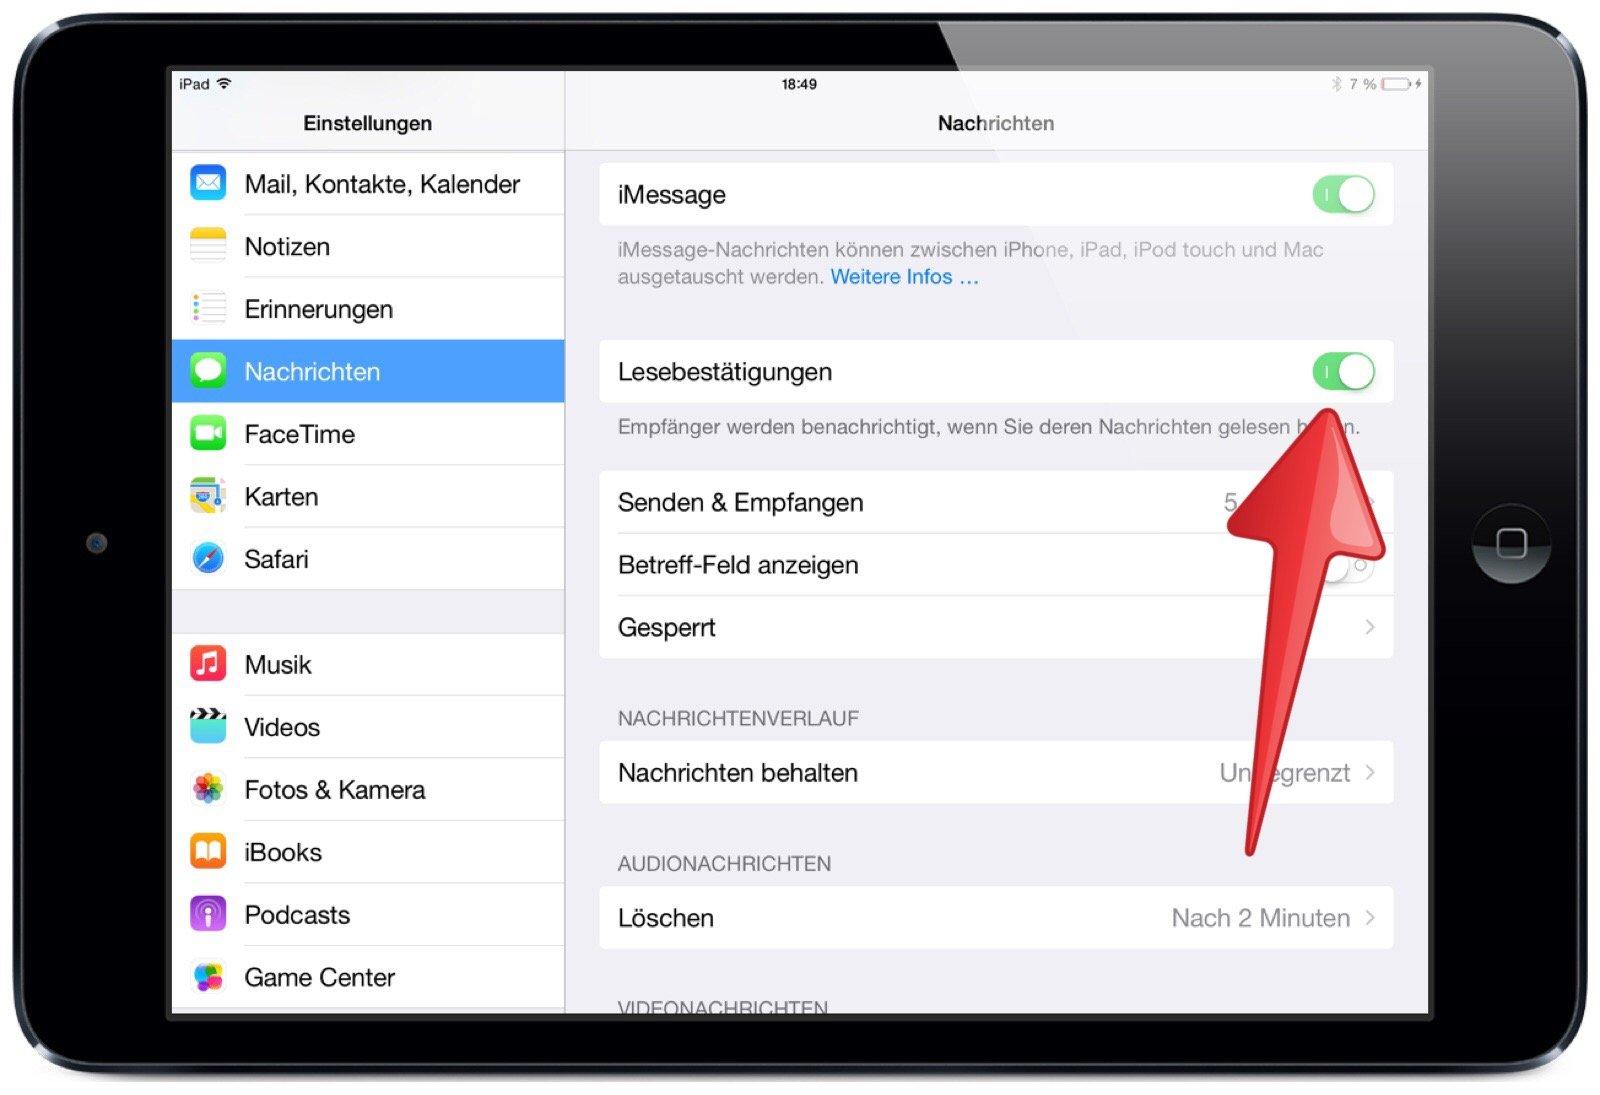 iPad: Lesebestätigung für iMessage-Nachricht (Gelesen)